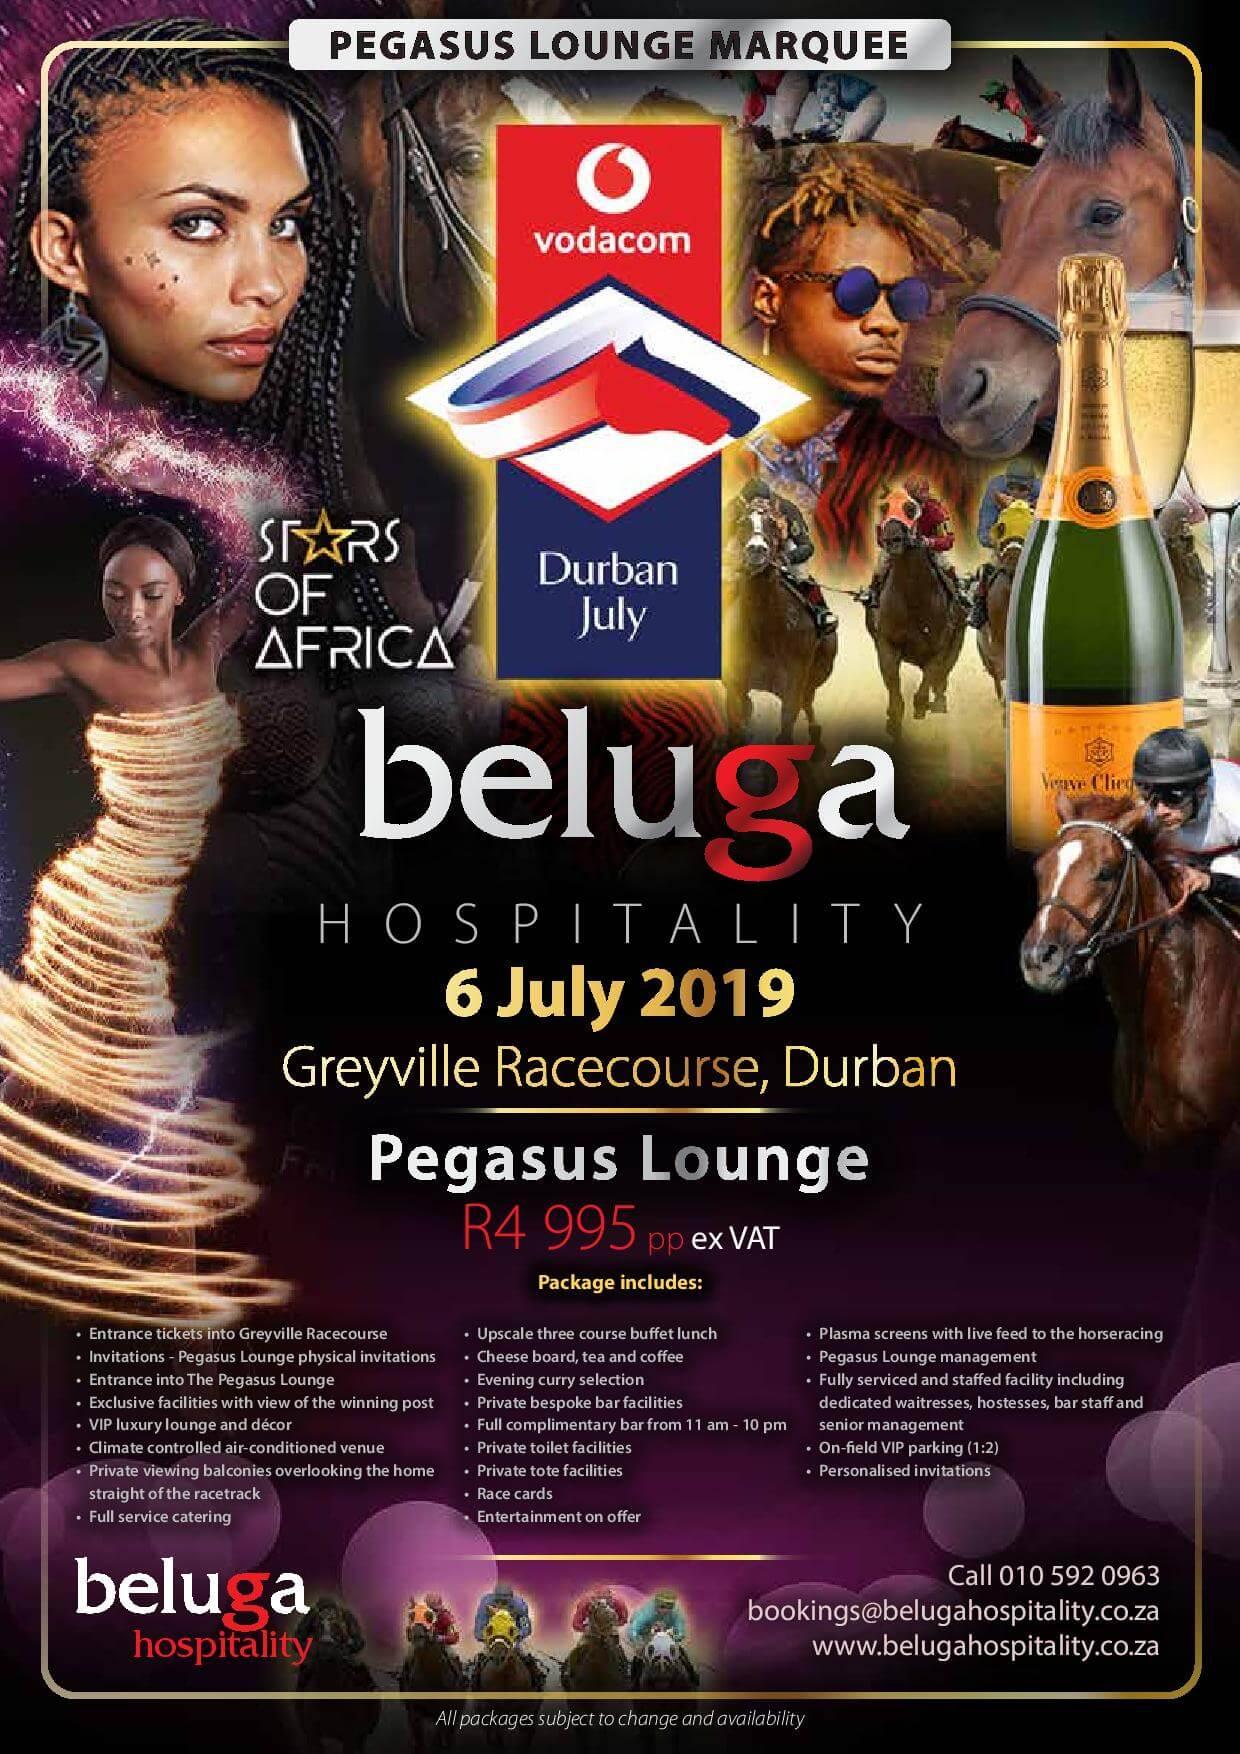 Vodacom Durban July 2019 - Pegasus Lounge - Beluga Hospitality